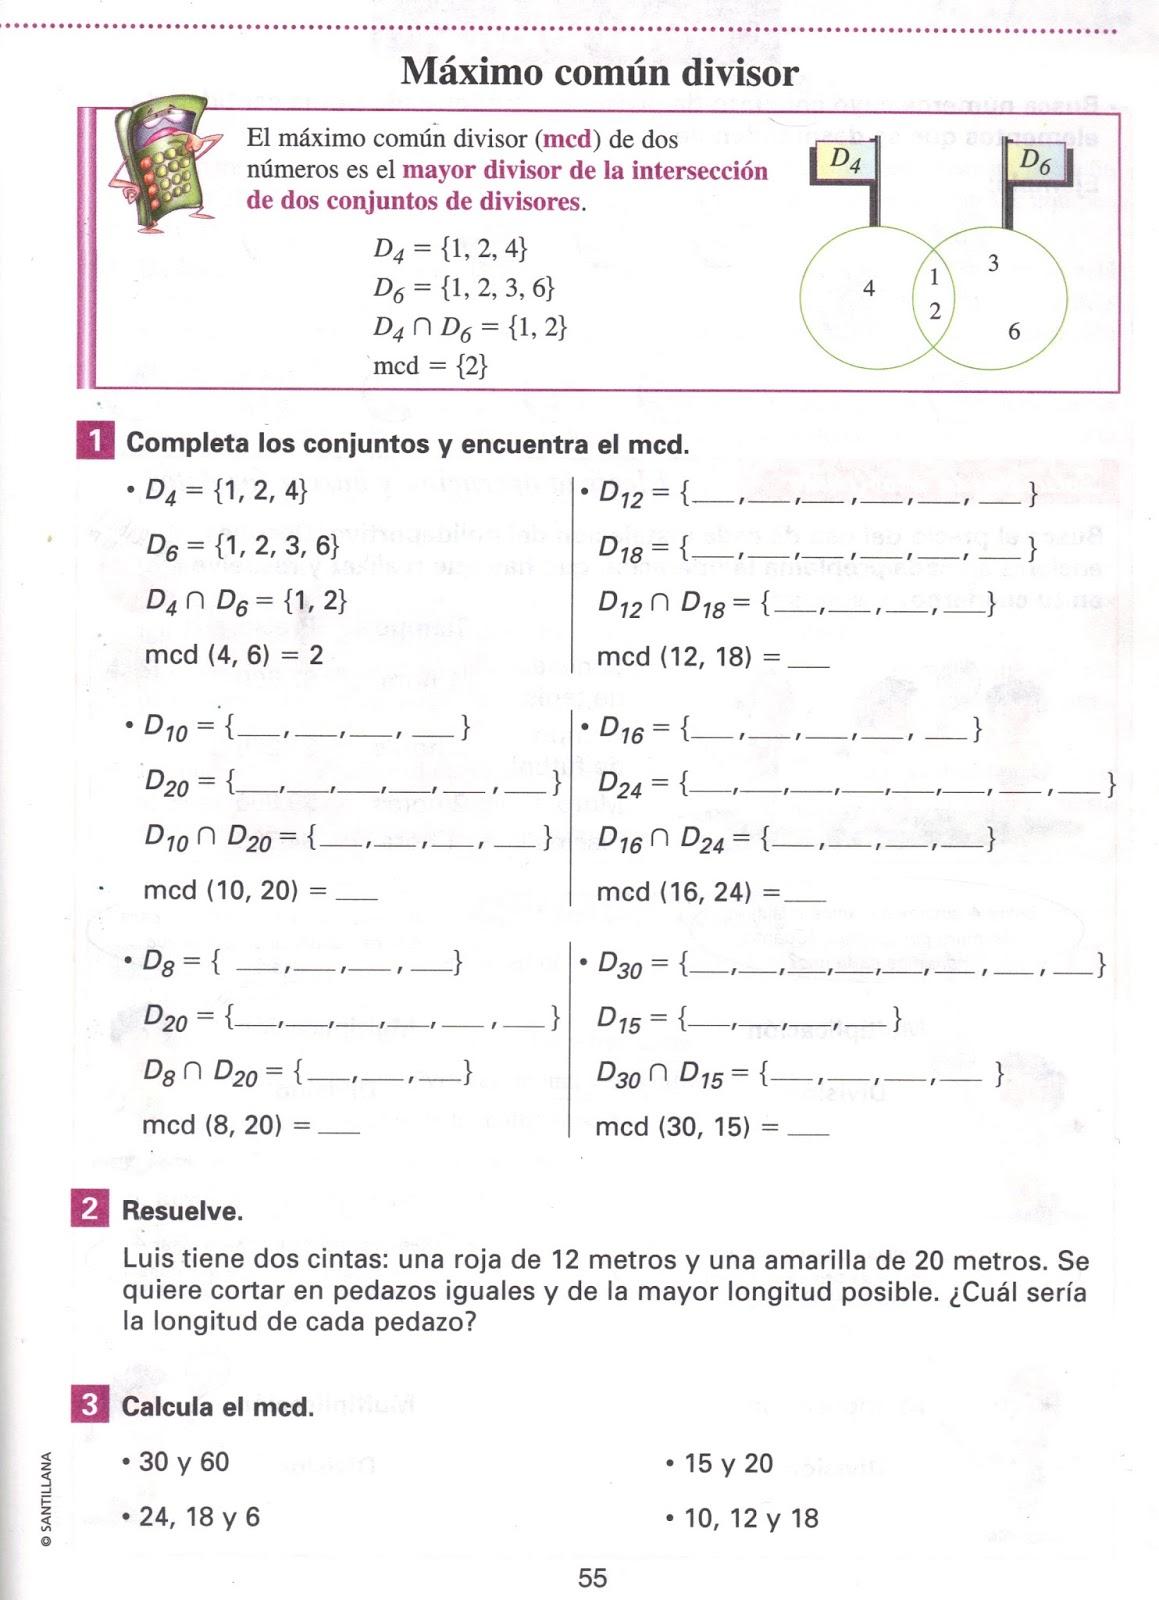 Único Hoja De Factoring Máximo Común Divisor Viñeta - hojas de ...